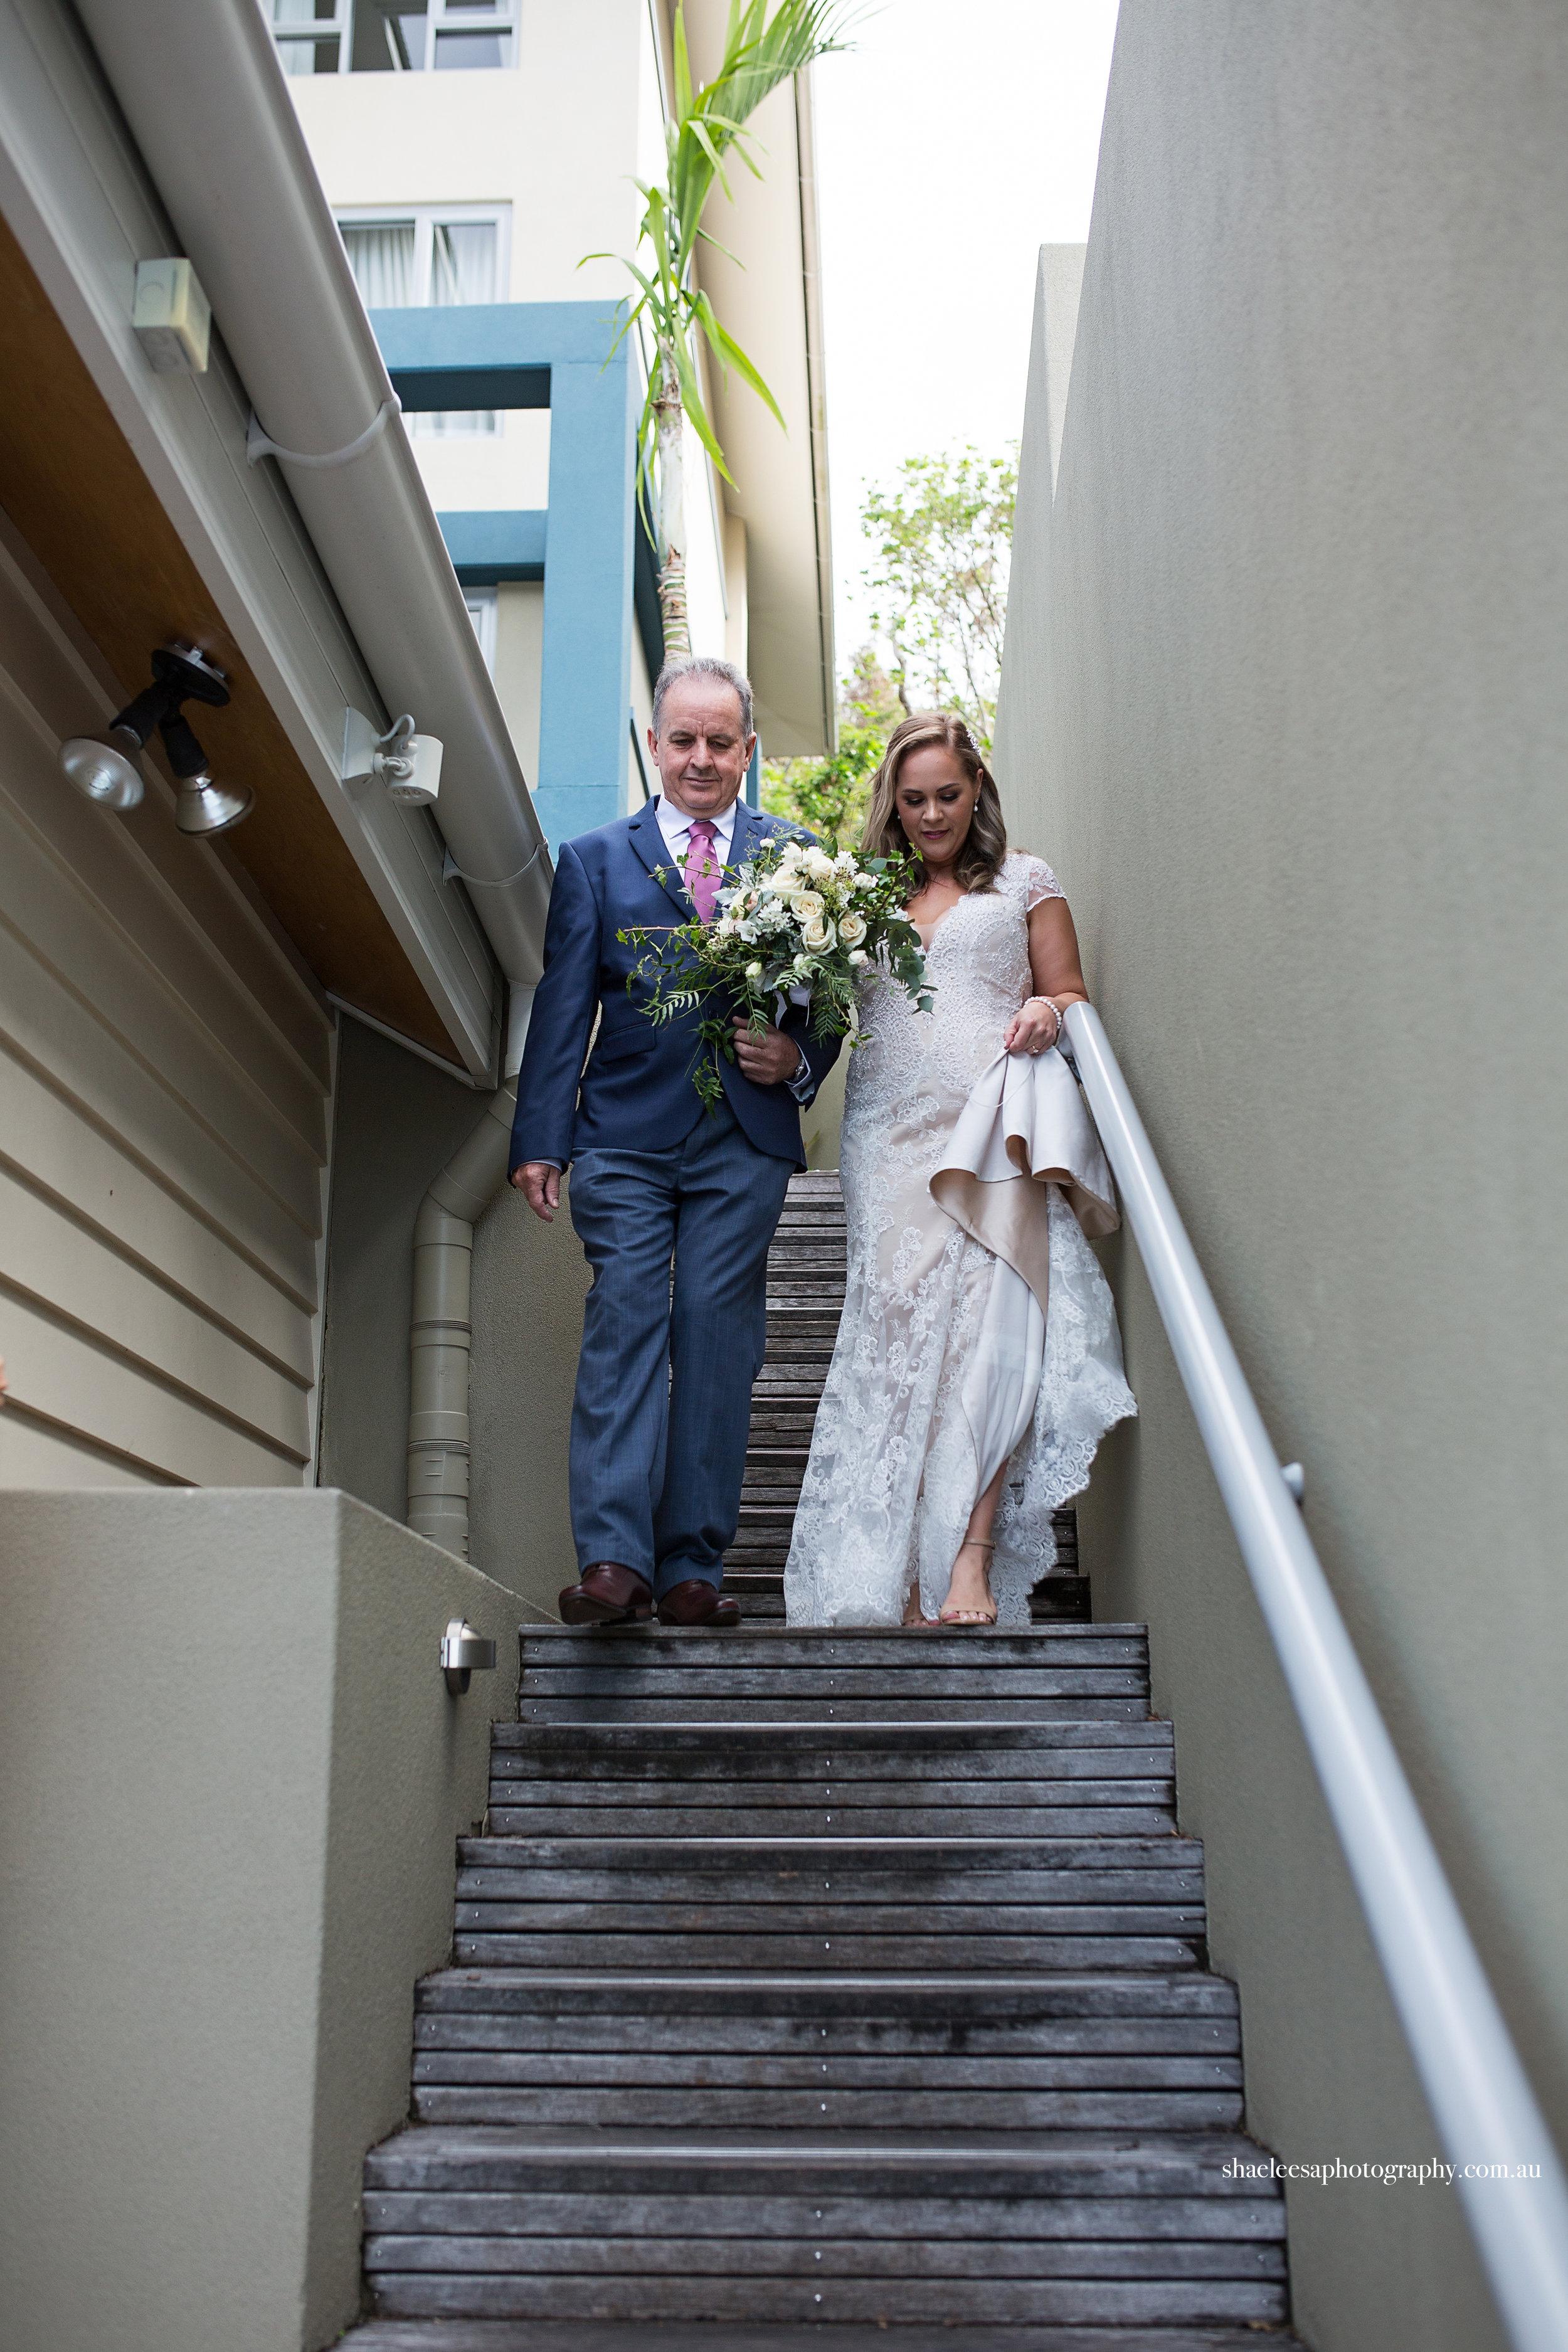 WeddingsByShae_040_McDermid2017.jpg